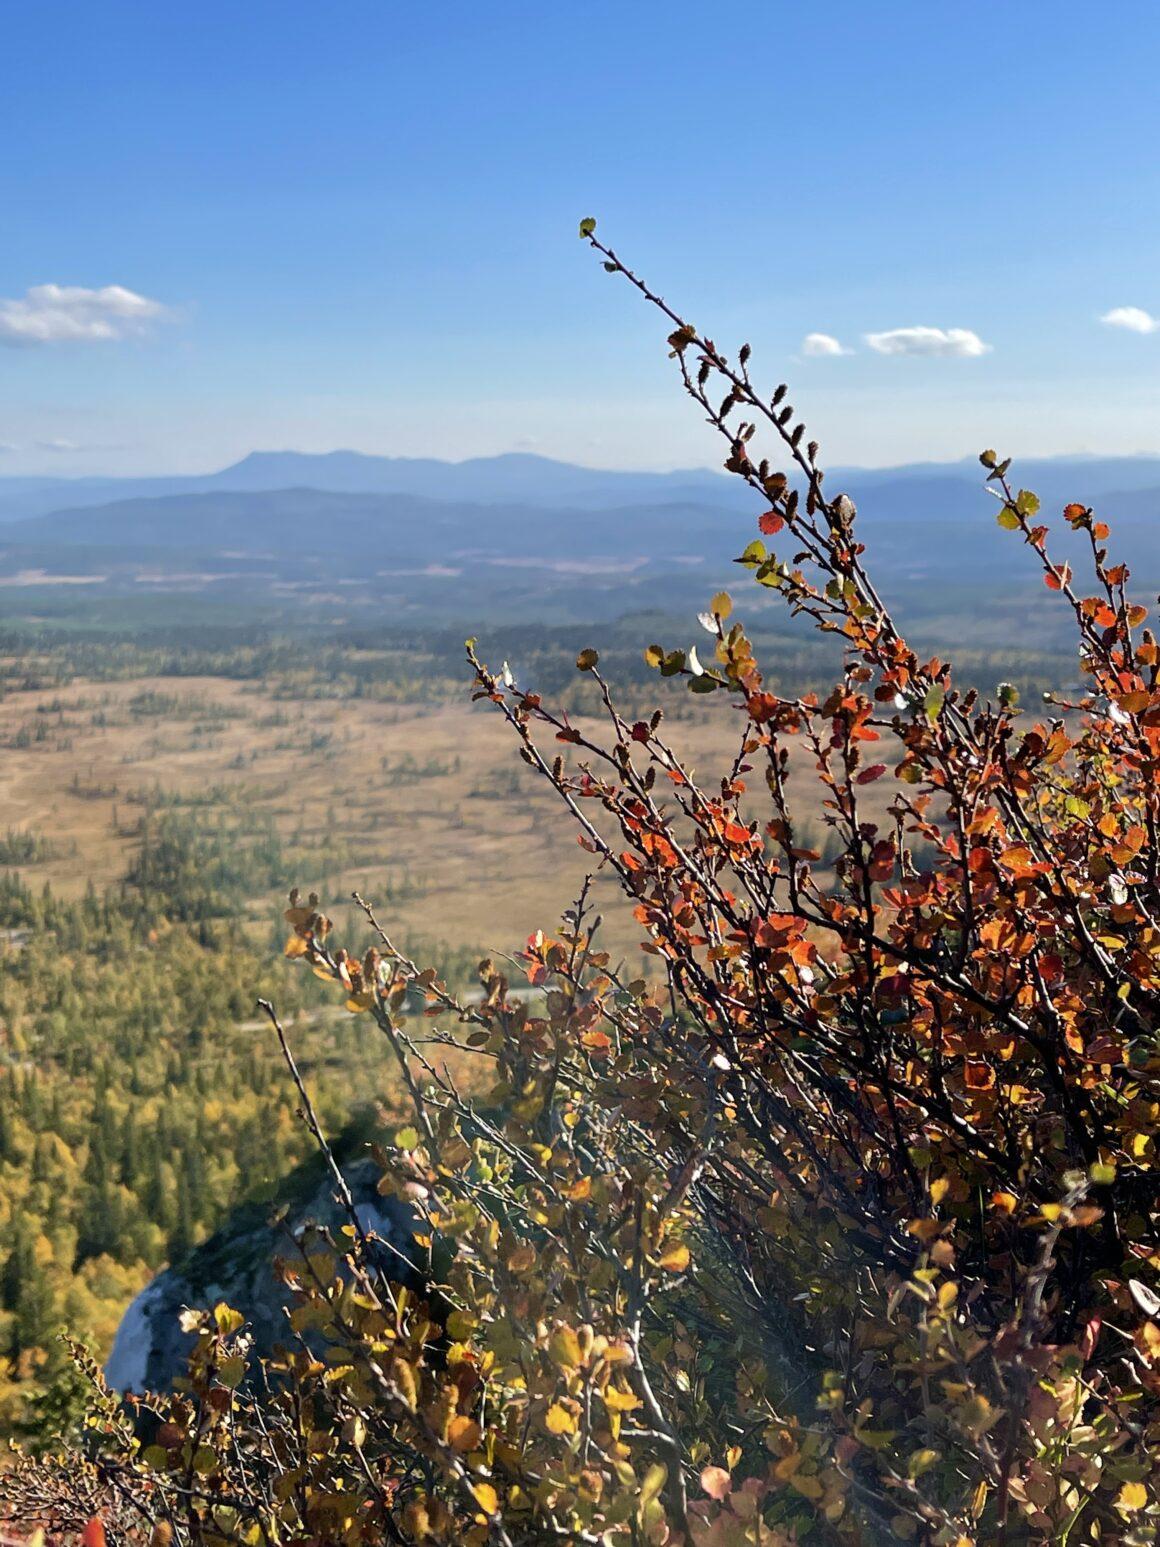 Magiska höstfärger i rött, gult och orange trängs med sommarens gröna färger på växtligheten på berget och långt bort i horisonten syns Sonfjället.